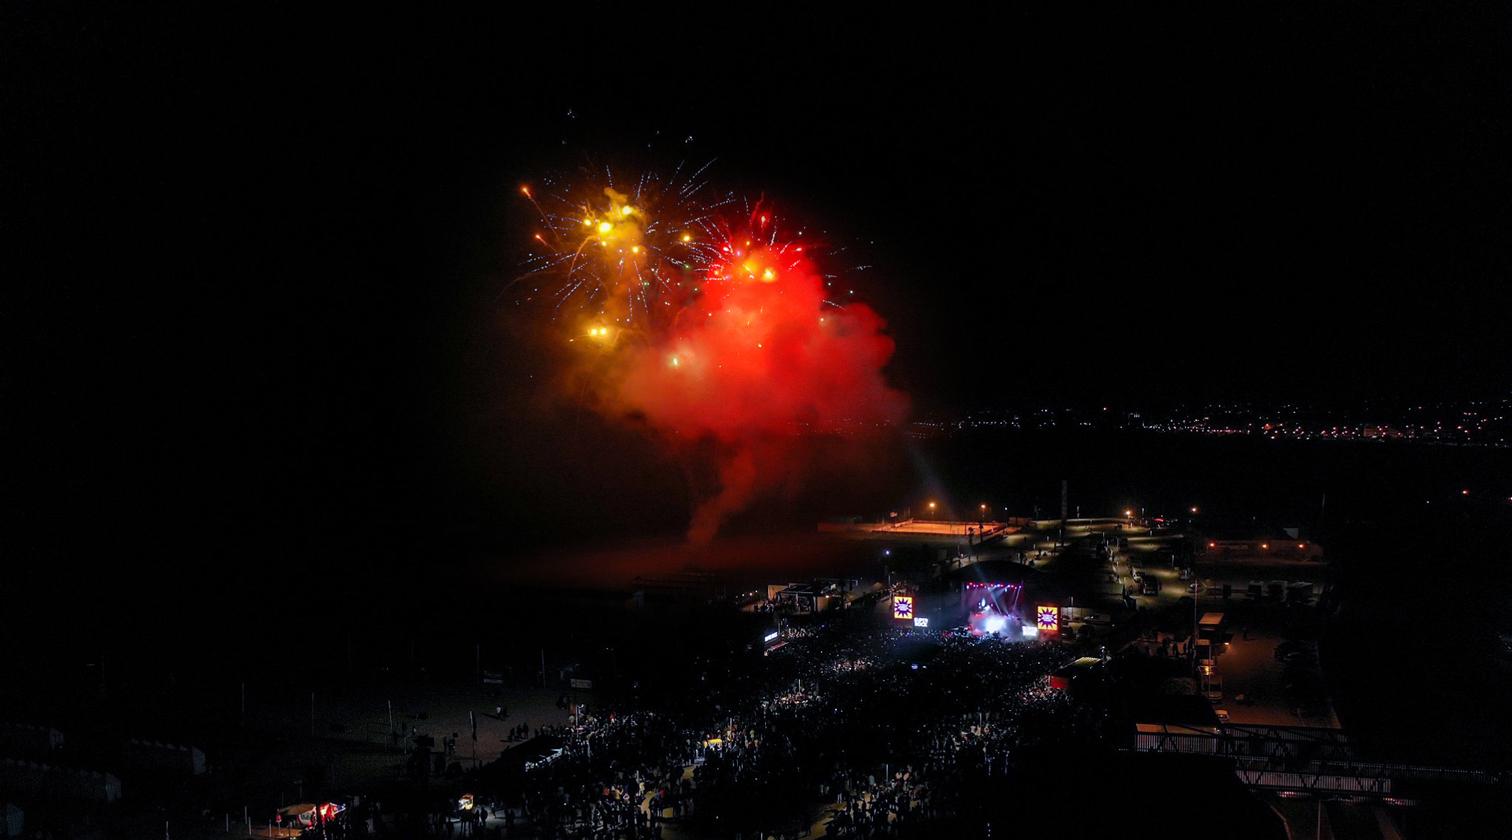 Réveillon-Verão-fogo-artifício